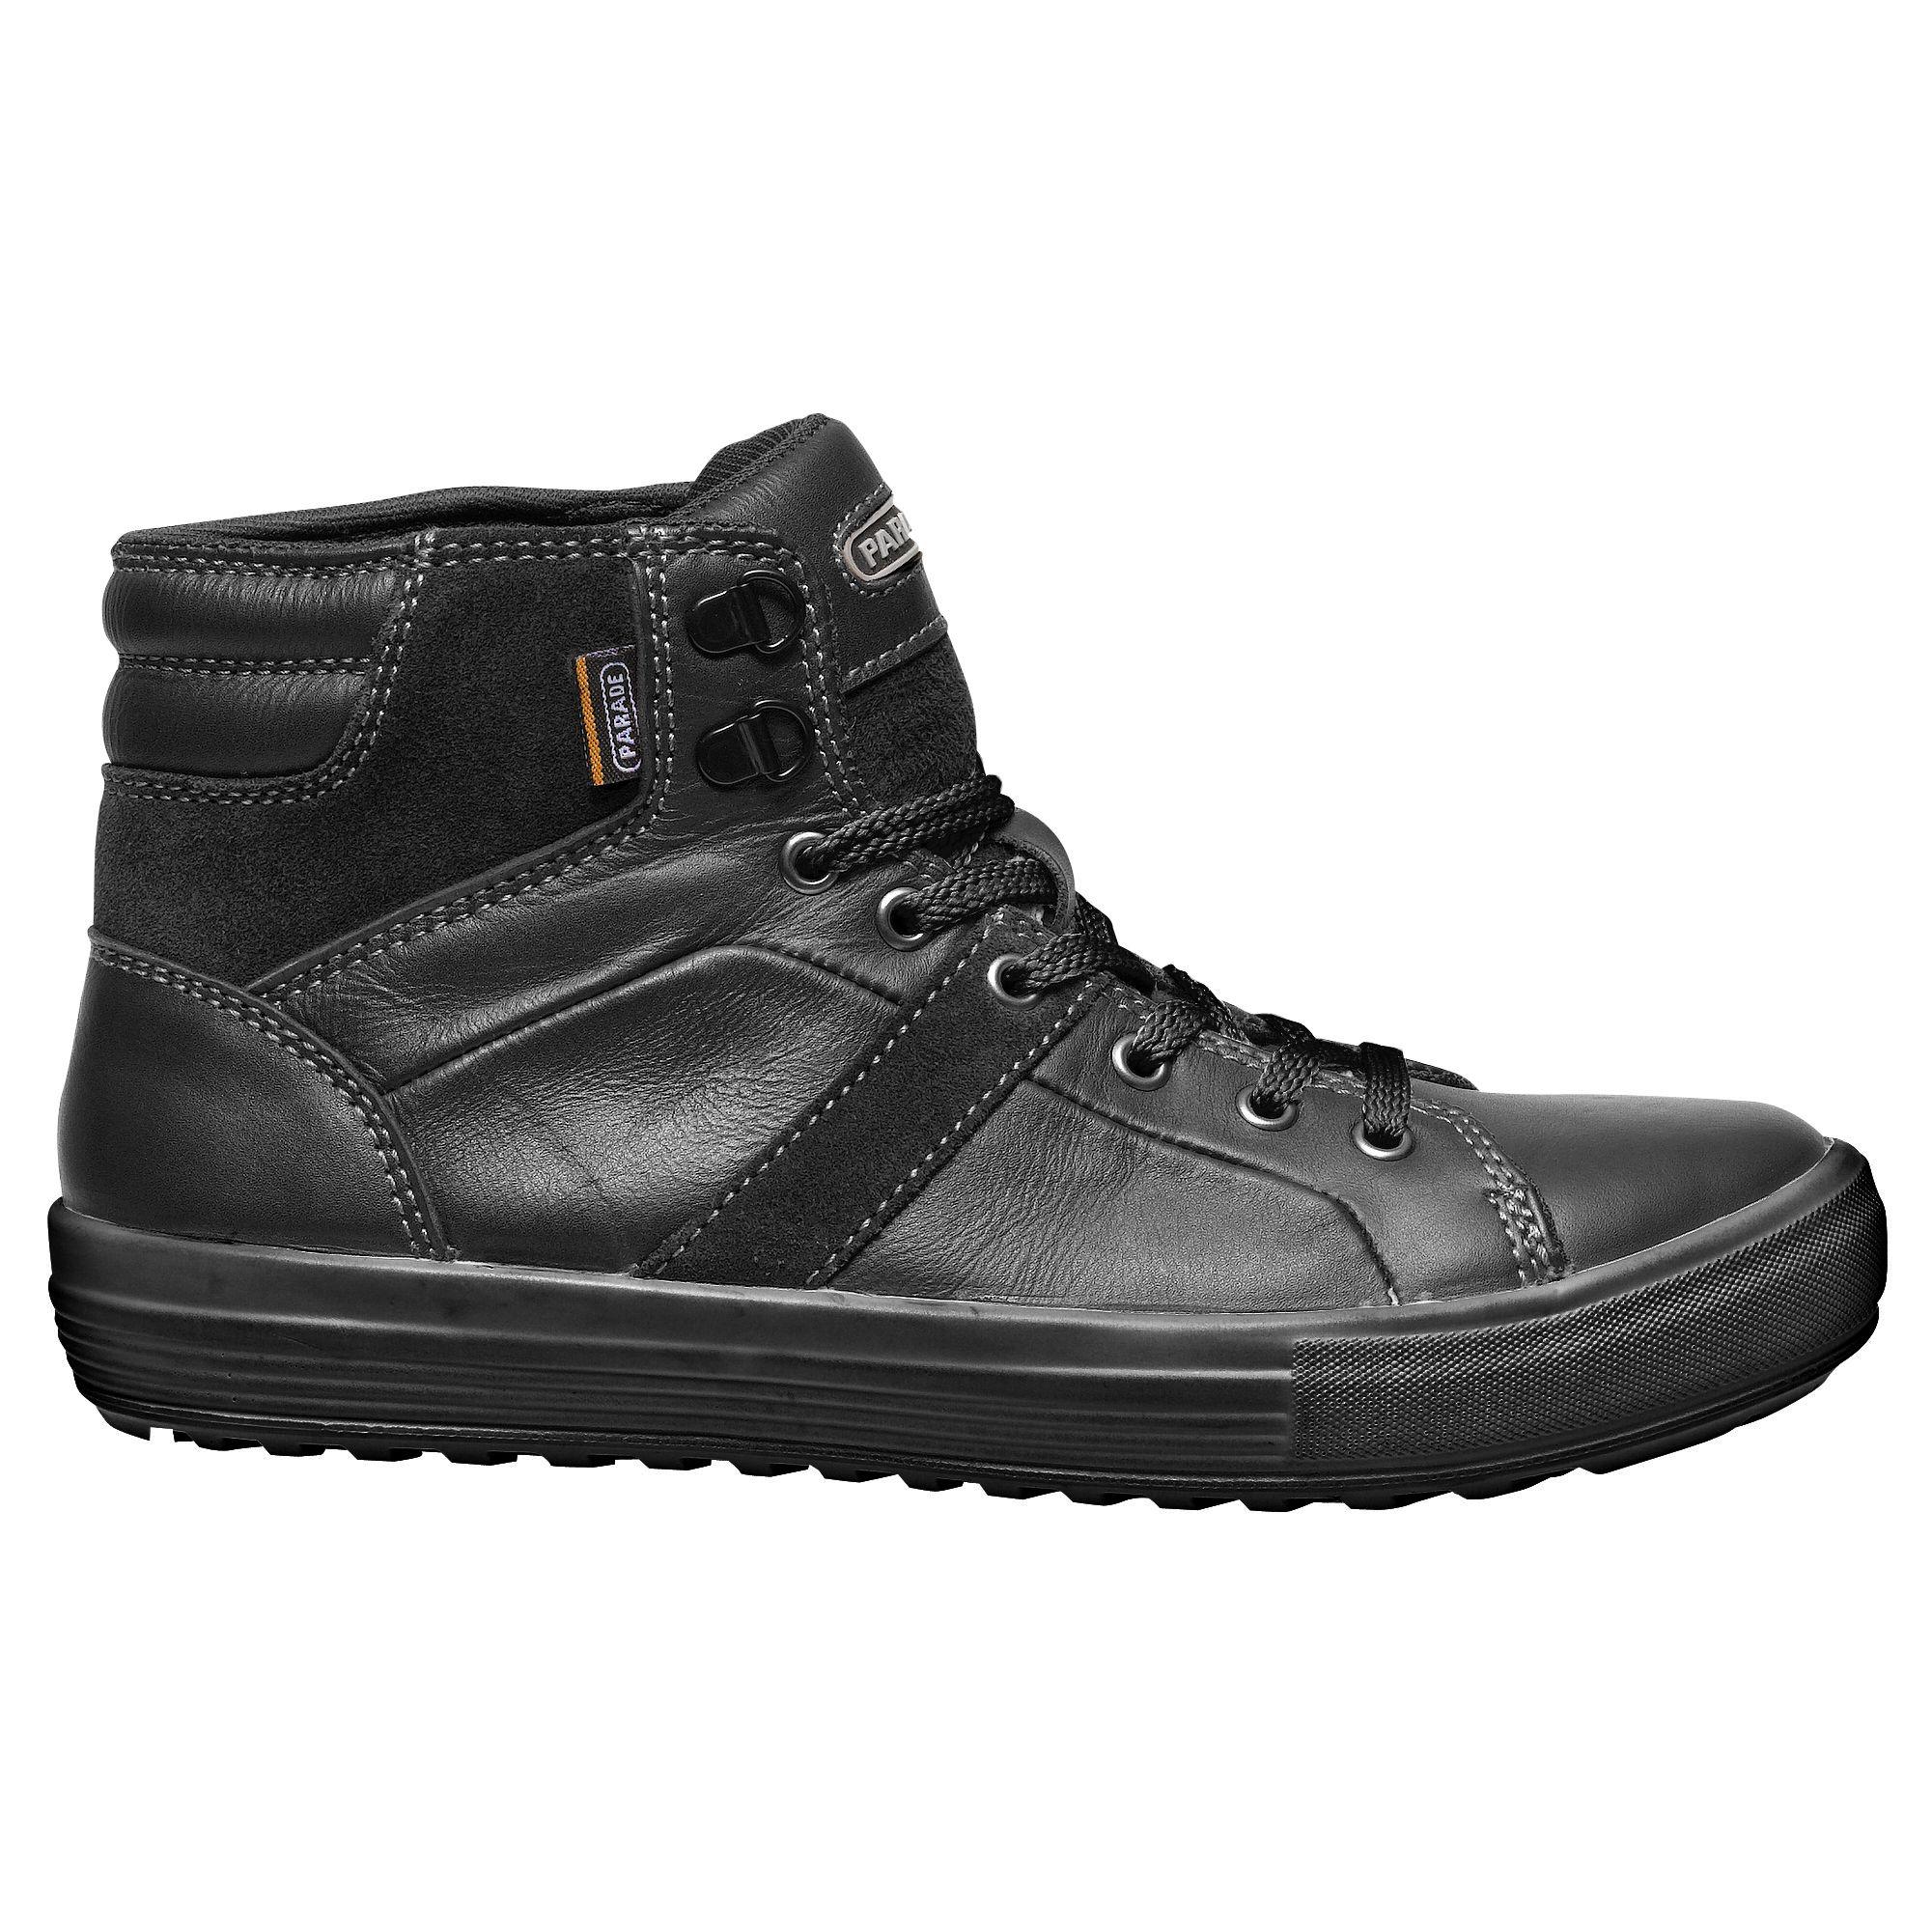 chaussures de s curit homme haute vision s3 srcchaussures de s curit homme haute vision s3 src. Black Bedroom Furniture Sets. Home Design Ideas